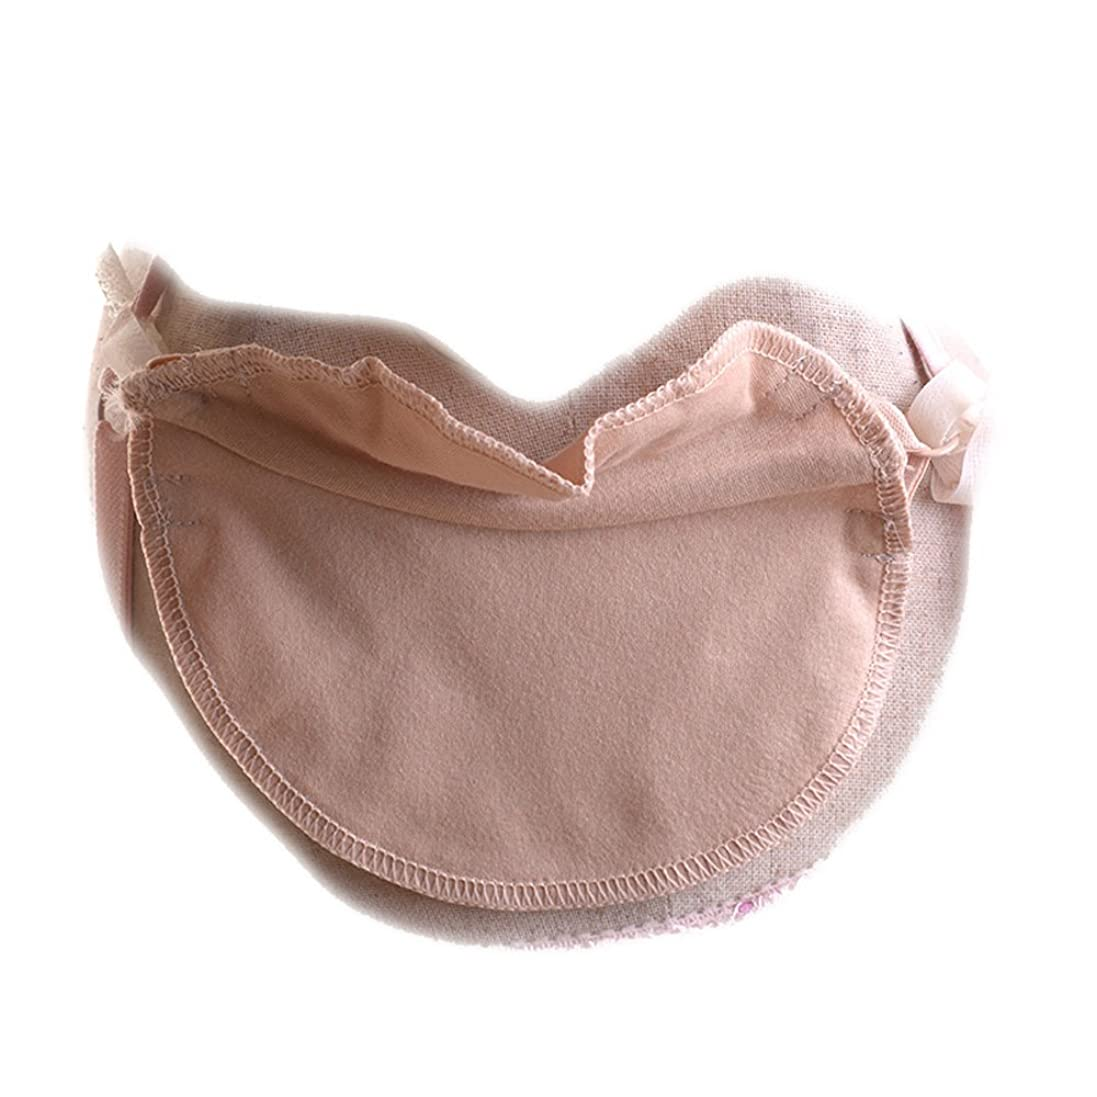 軍隊チキンワンタッチ脇汗パット 日本製ワキ汗パッド 汗じみ防止 汗取り吸収 ブラに取り付けタイプ